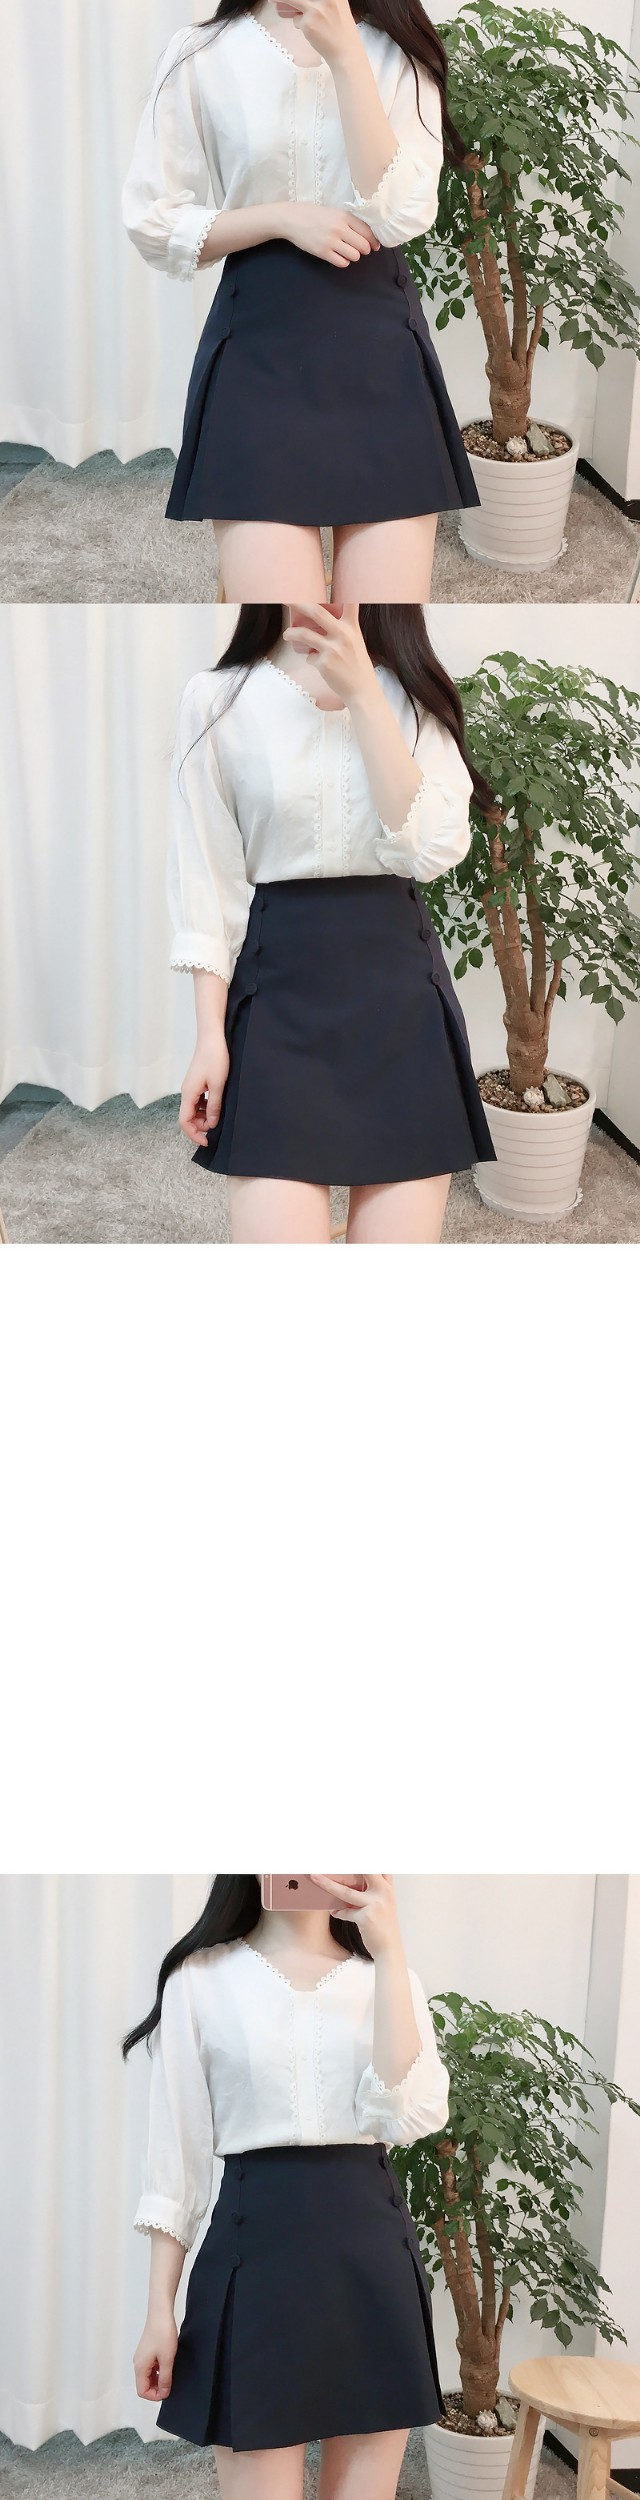 Miel lace blouse